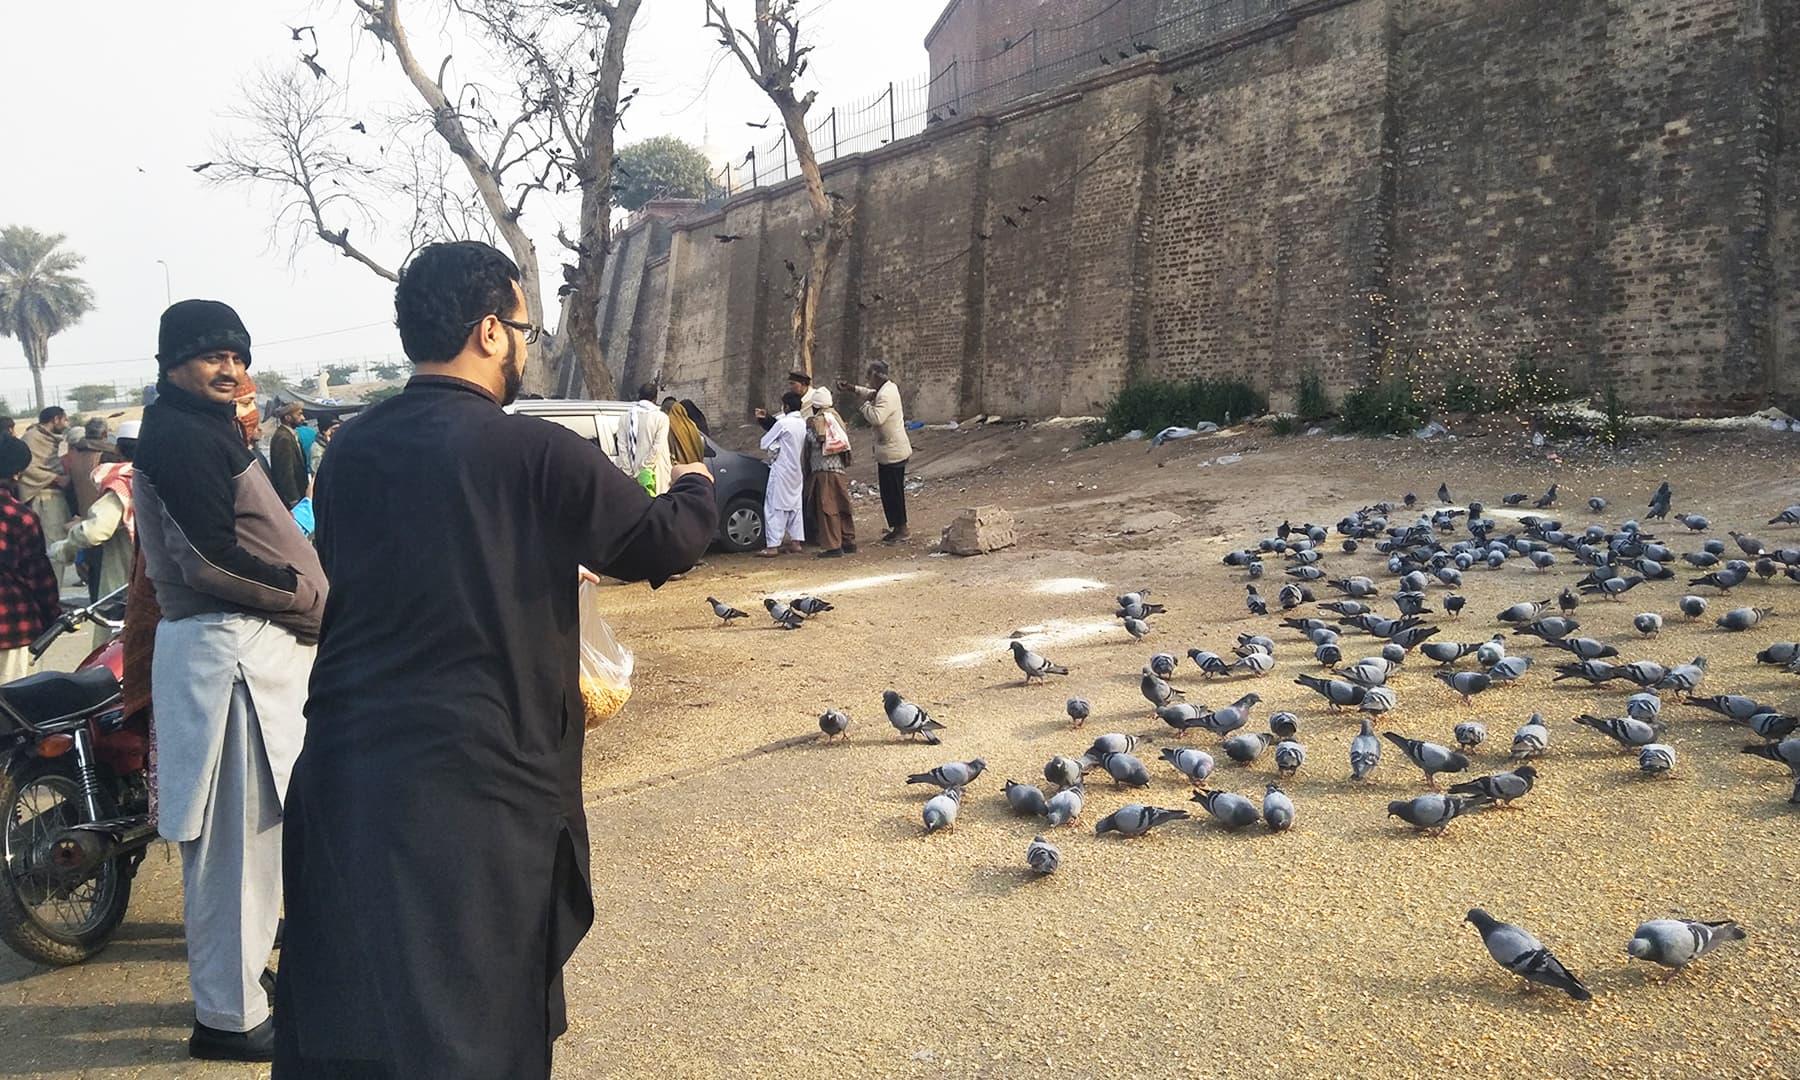 کبوتروں کو دانہ ڈالا جا رہا ہے —تصویر عظمت اکبر